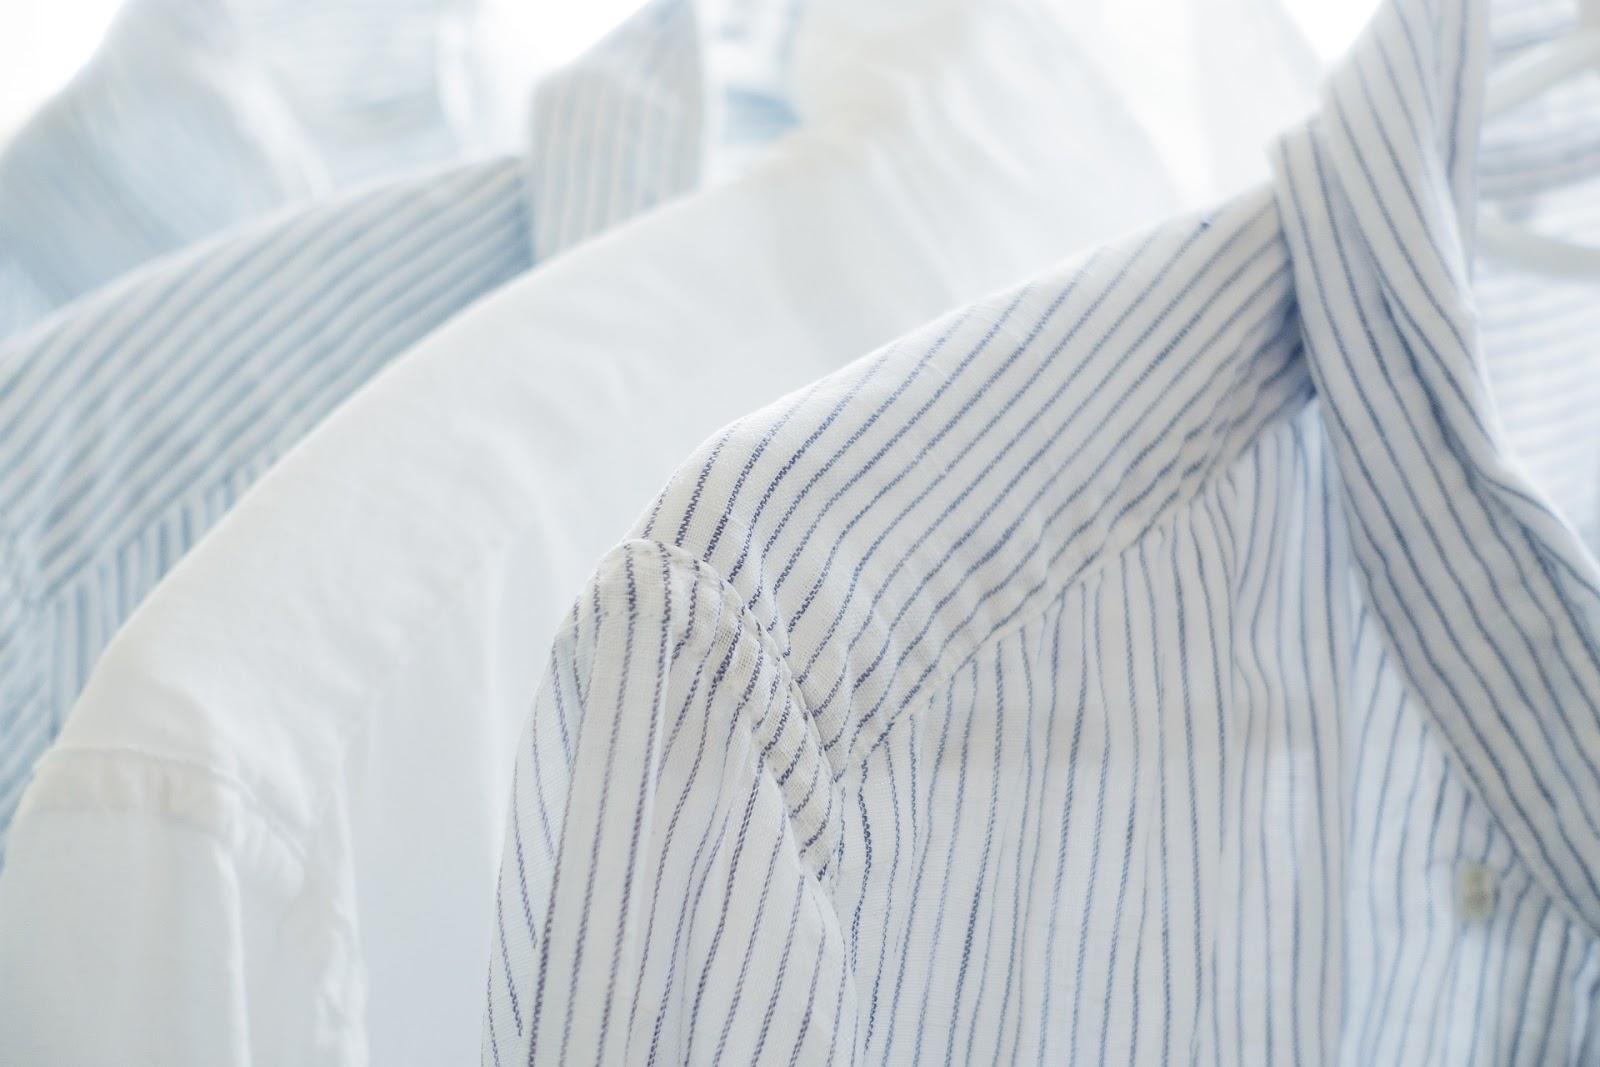 明るい光の中の四枚の白いシャツ